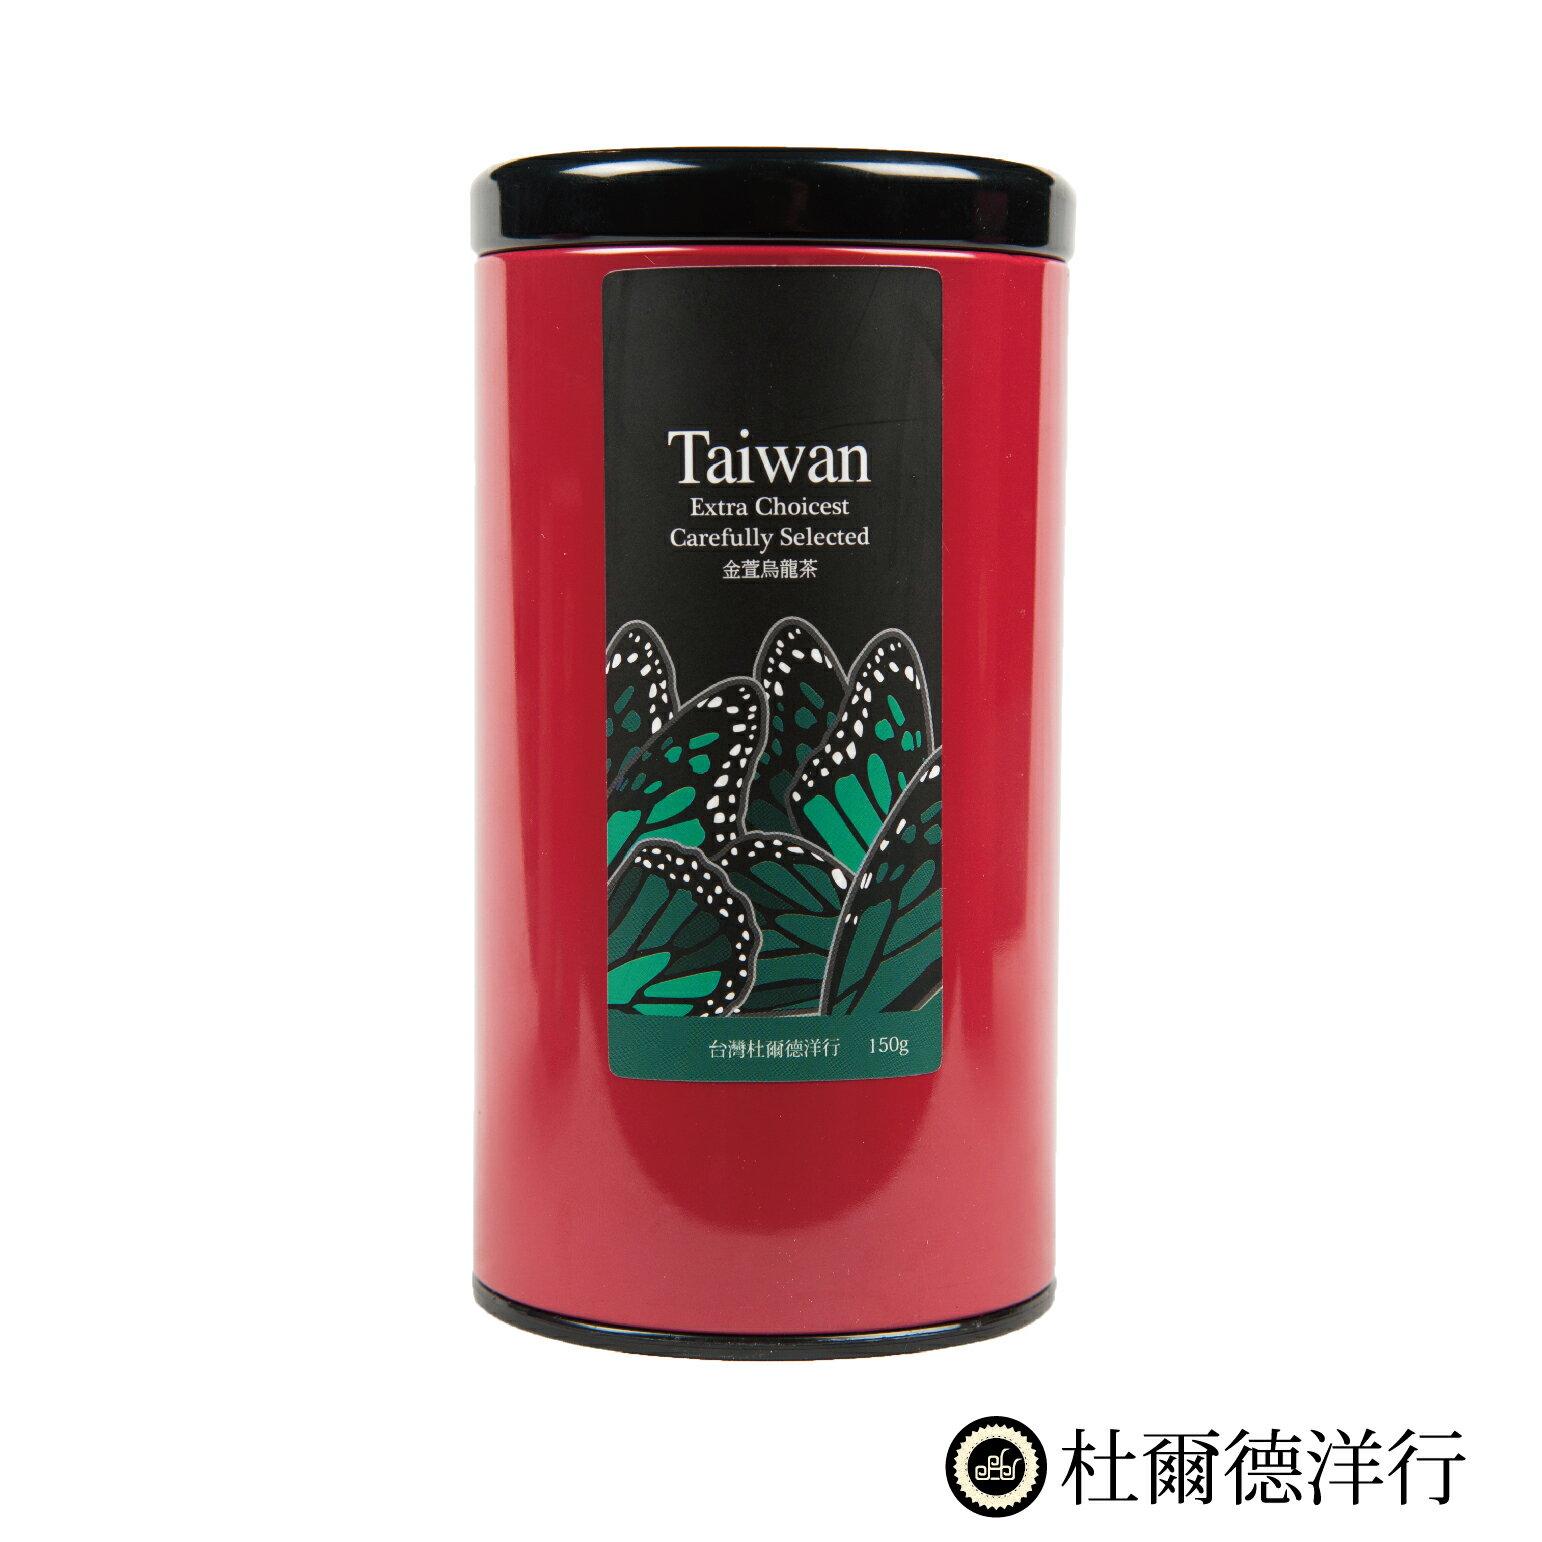 【杜爾德洋行 Dodd Tea】精選金萱烏龍茶 150g 0